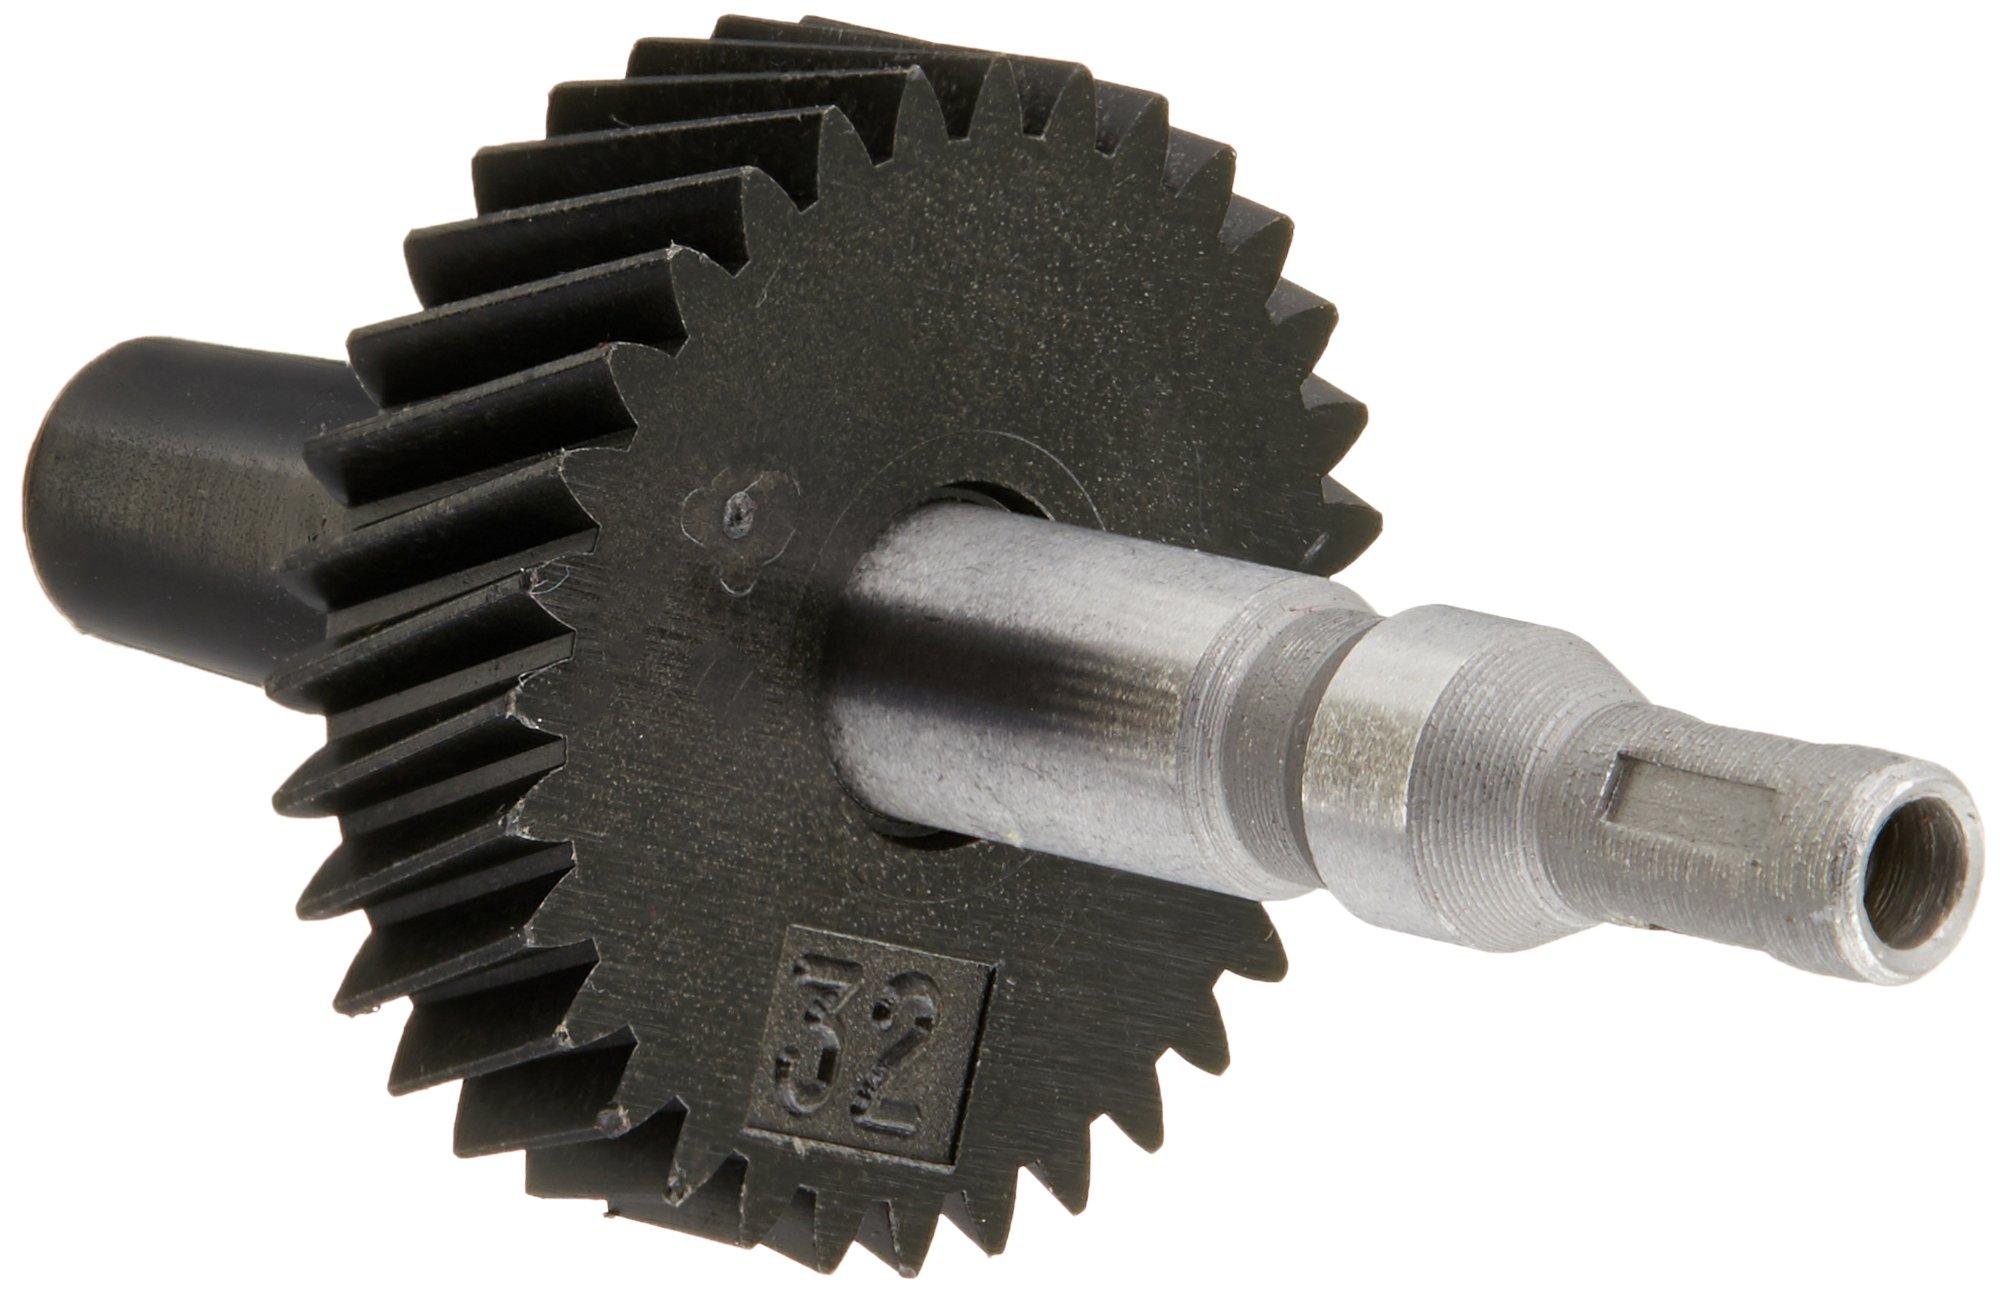 Best Rated In Automotive Replacement Speedometers Helpful Customer Crown Jeep Cj 7 Wiring Diagram Speedo 52067632 Black 32 Teeth Speedometer Gear Product Image